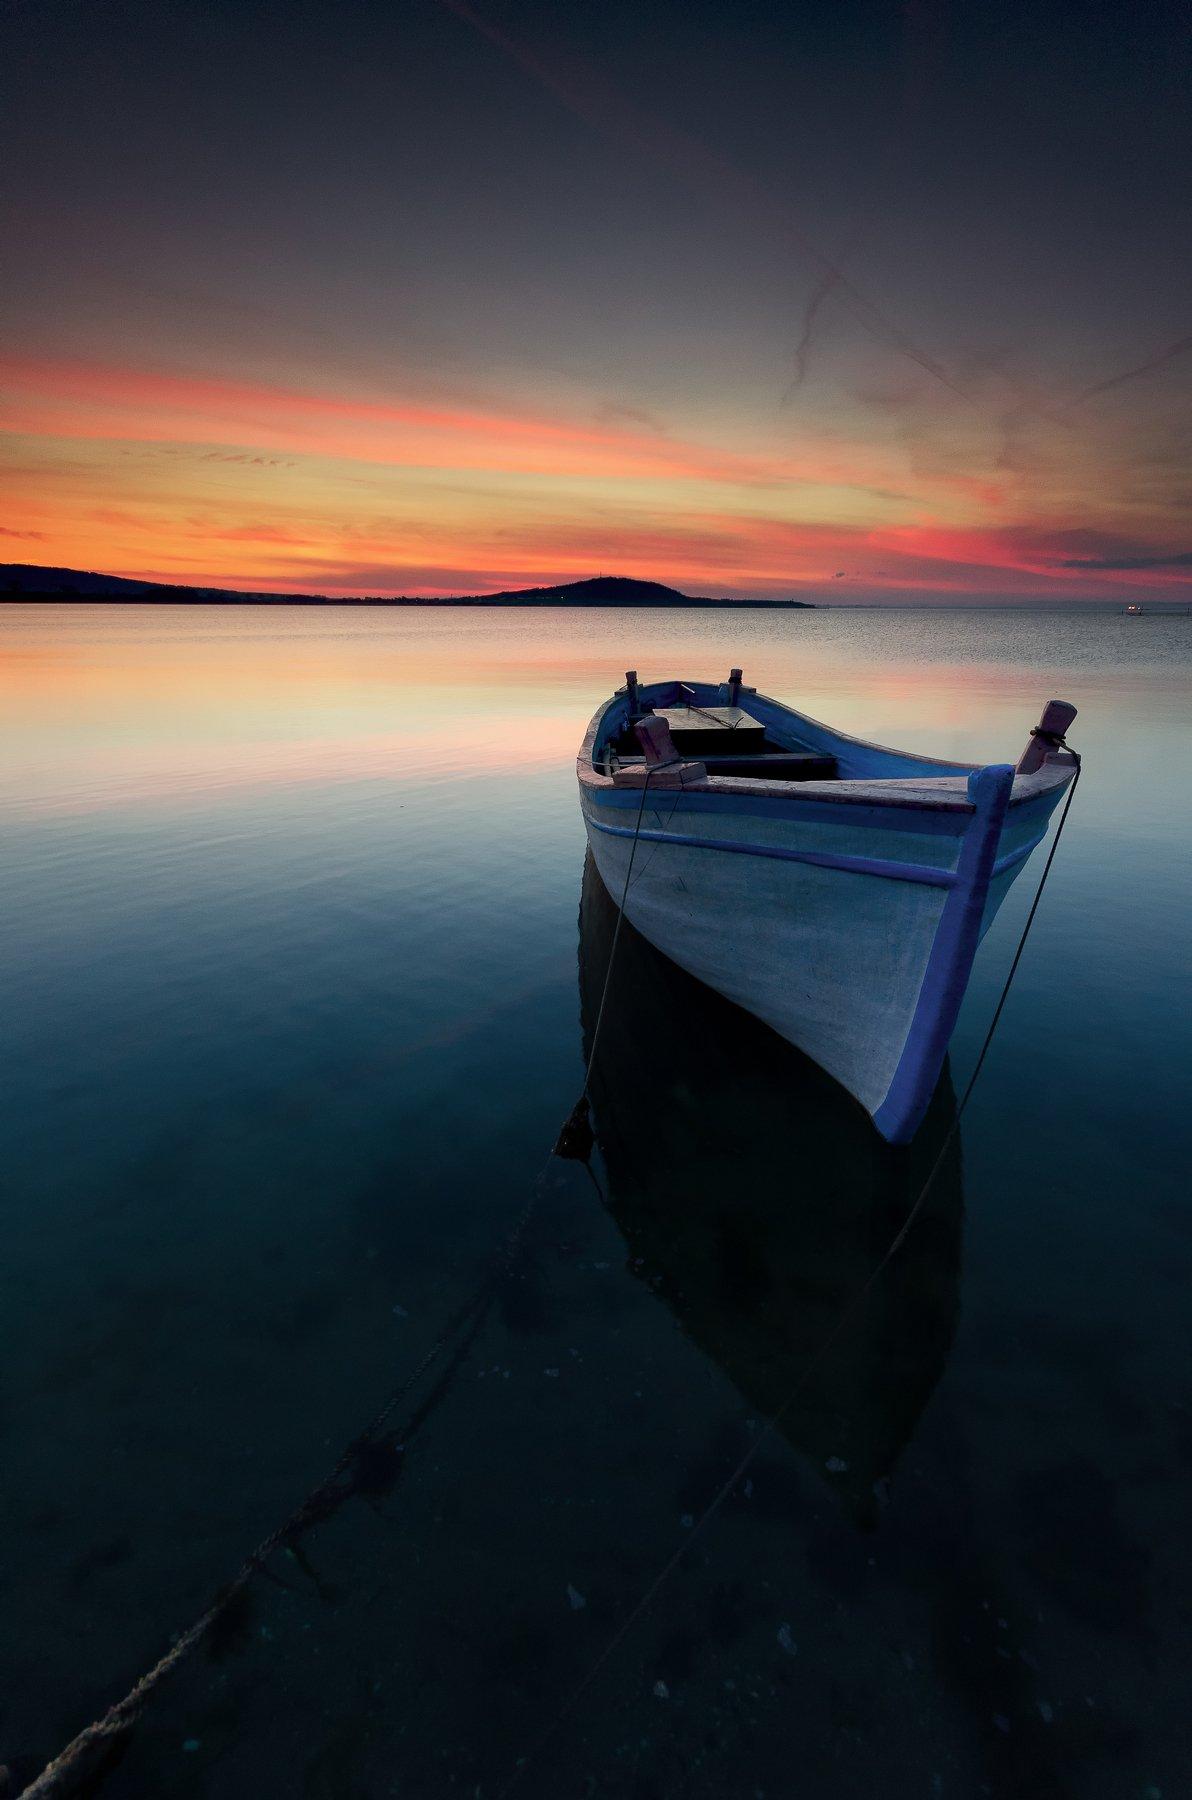 Black sea, Boat, Clouds, Coast, Fineart, Landscape, Reflection, Rocks, Sea, Seascape, Sky, Sun, Sunset, Water, Иван Димов